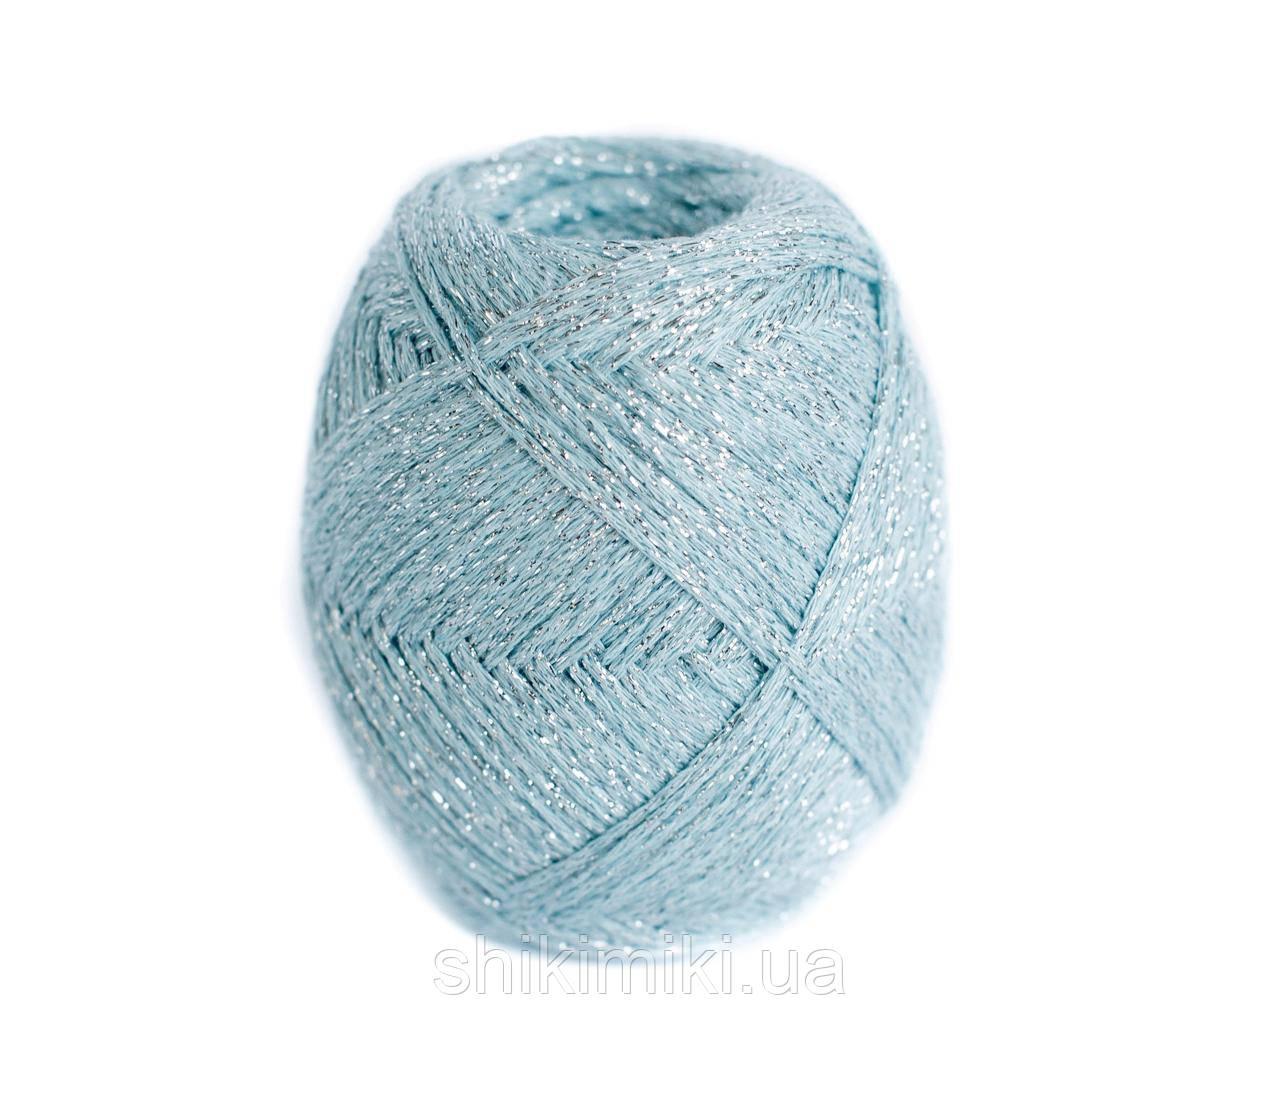 Трикотажный шнур Knit&Shine, цвет аквамарин